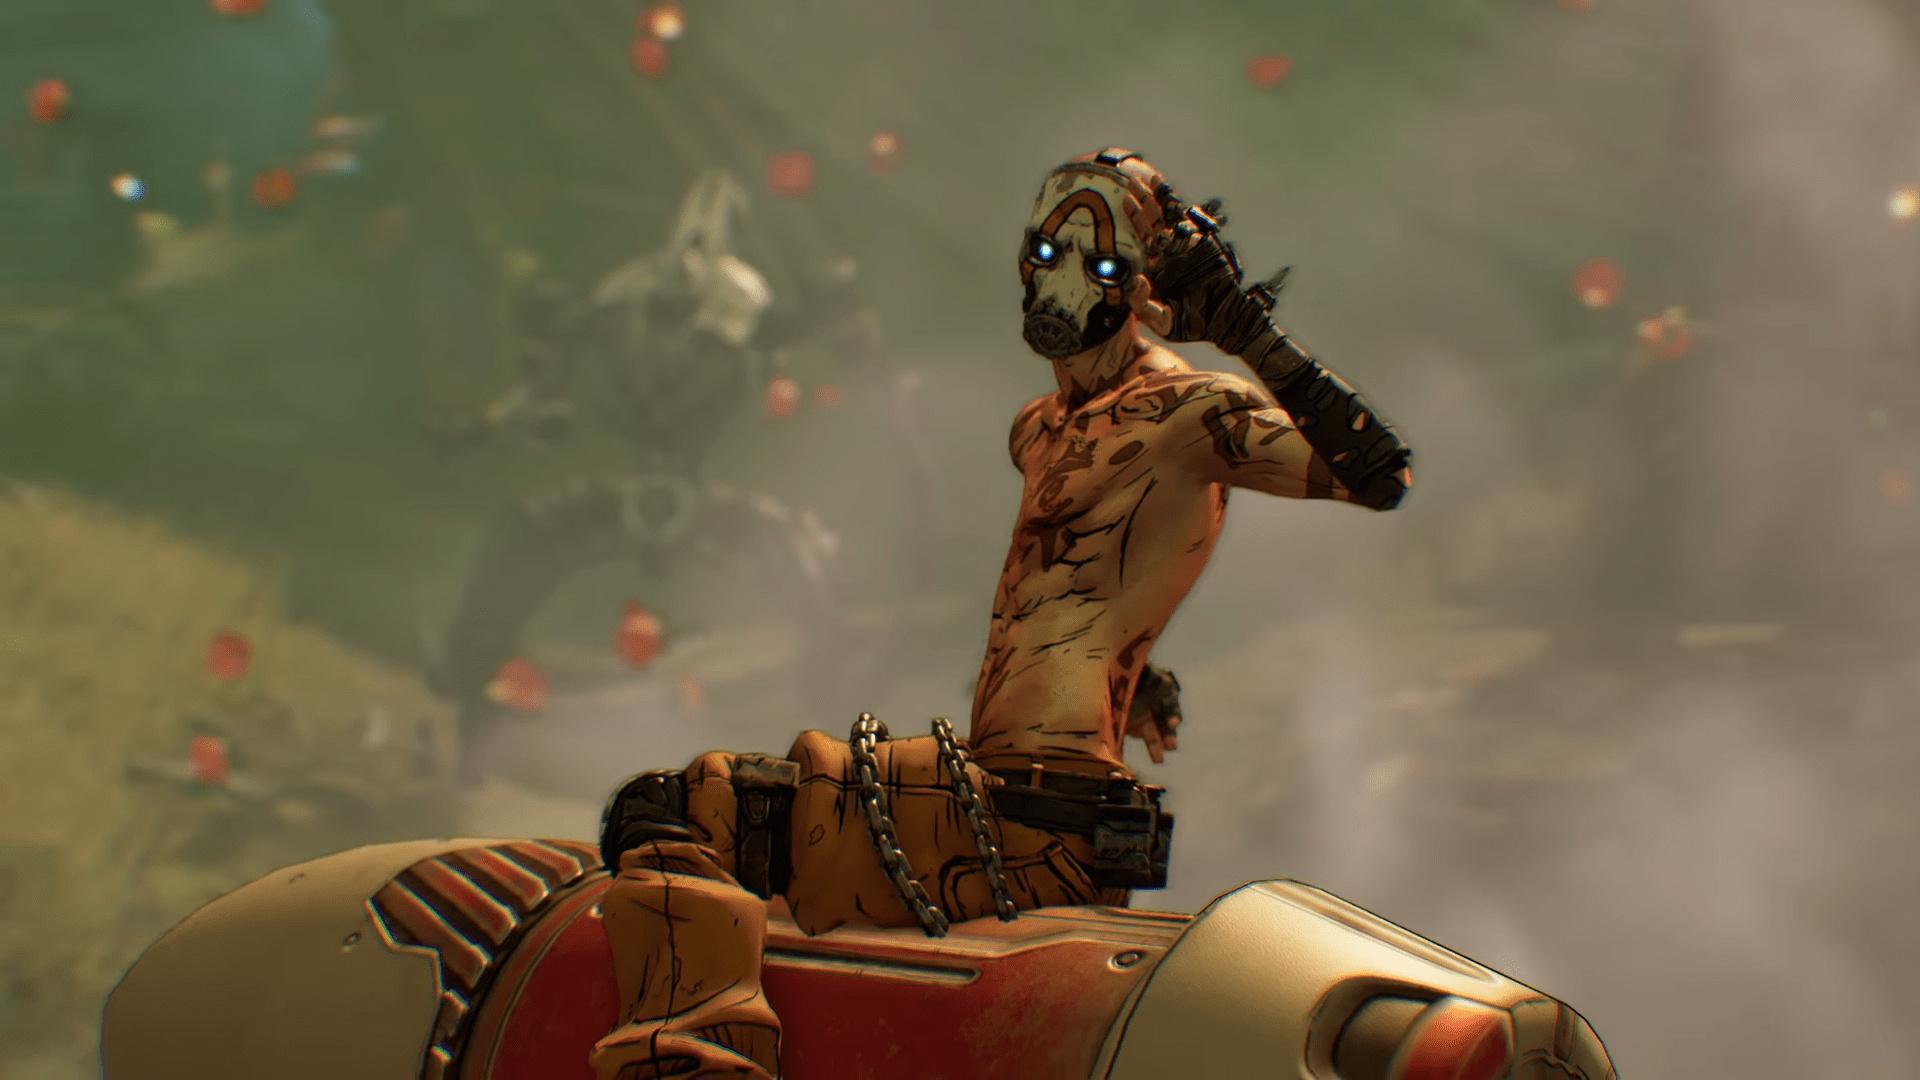 Borderlands3 и «Мстители» стали хедлайнерами PS Now в апреле